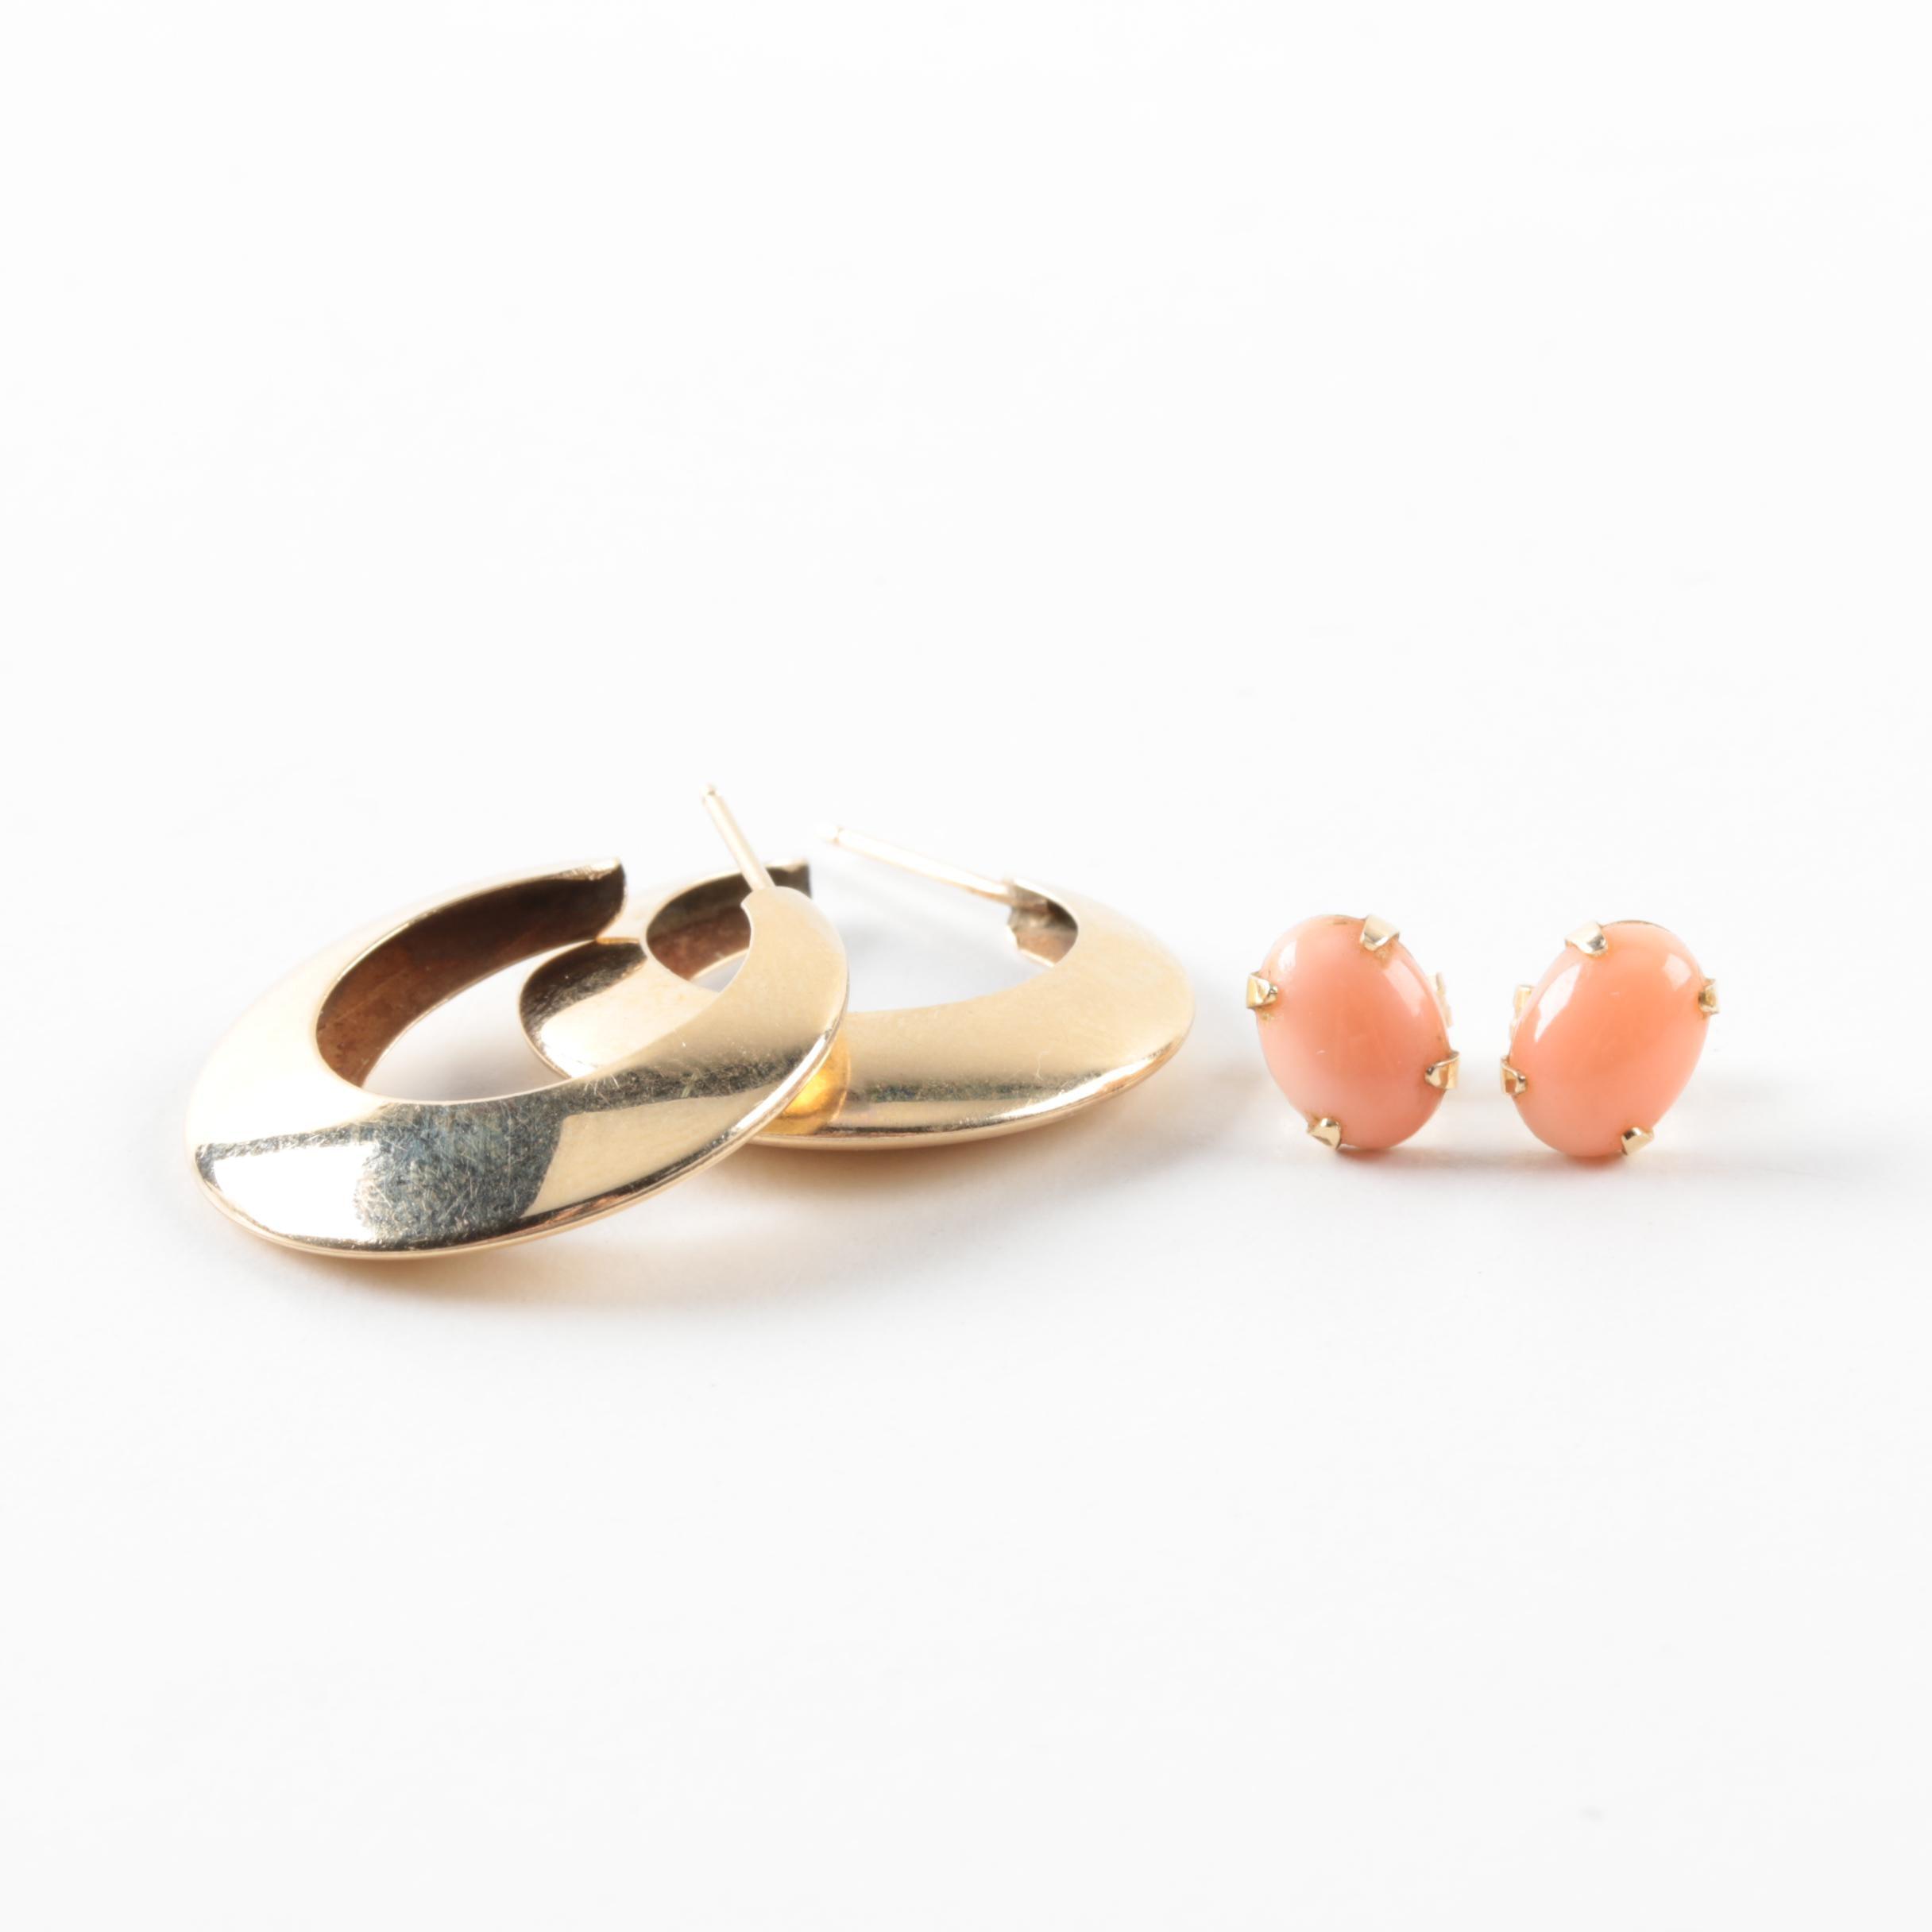 14K Yellow Gold Hoop Earrings and 14K Coral Stud Earrings